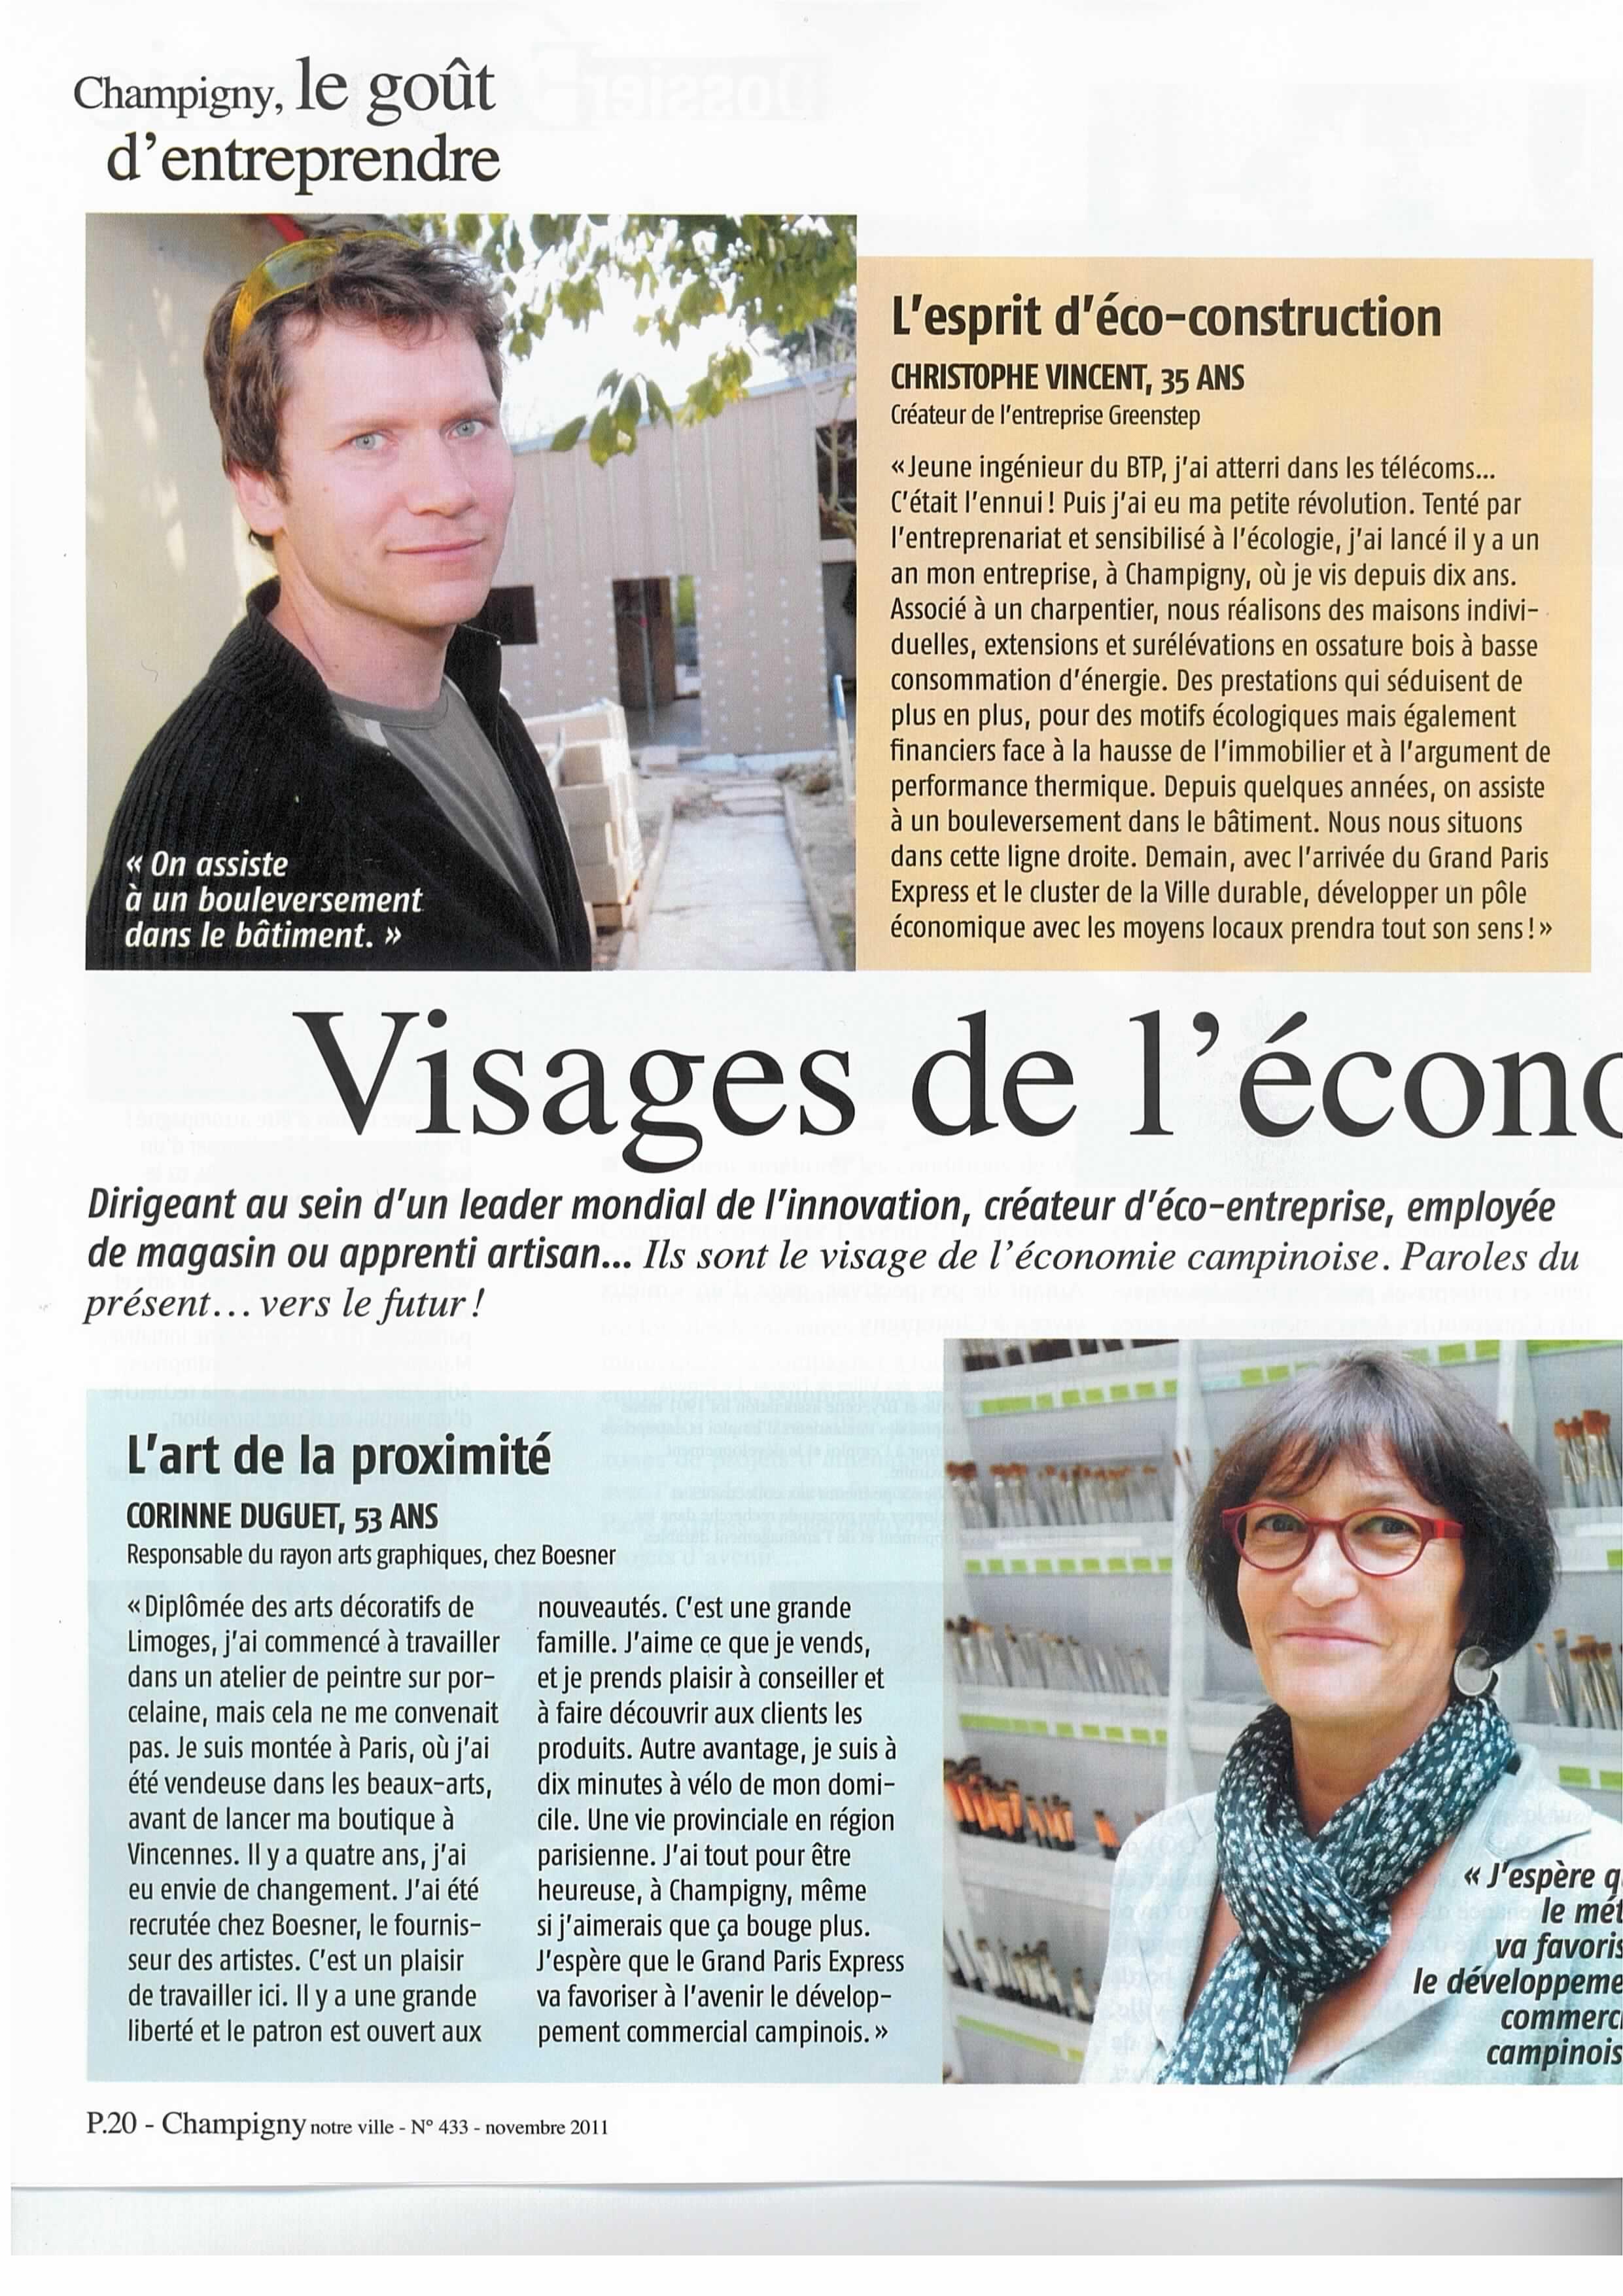 201111_CHAMPIGNY NOTRE VILLE_Article_gout_entreprendre.jpg